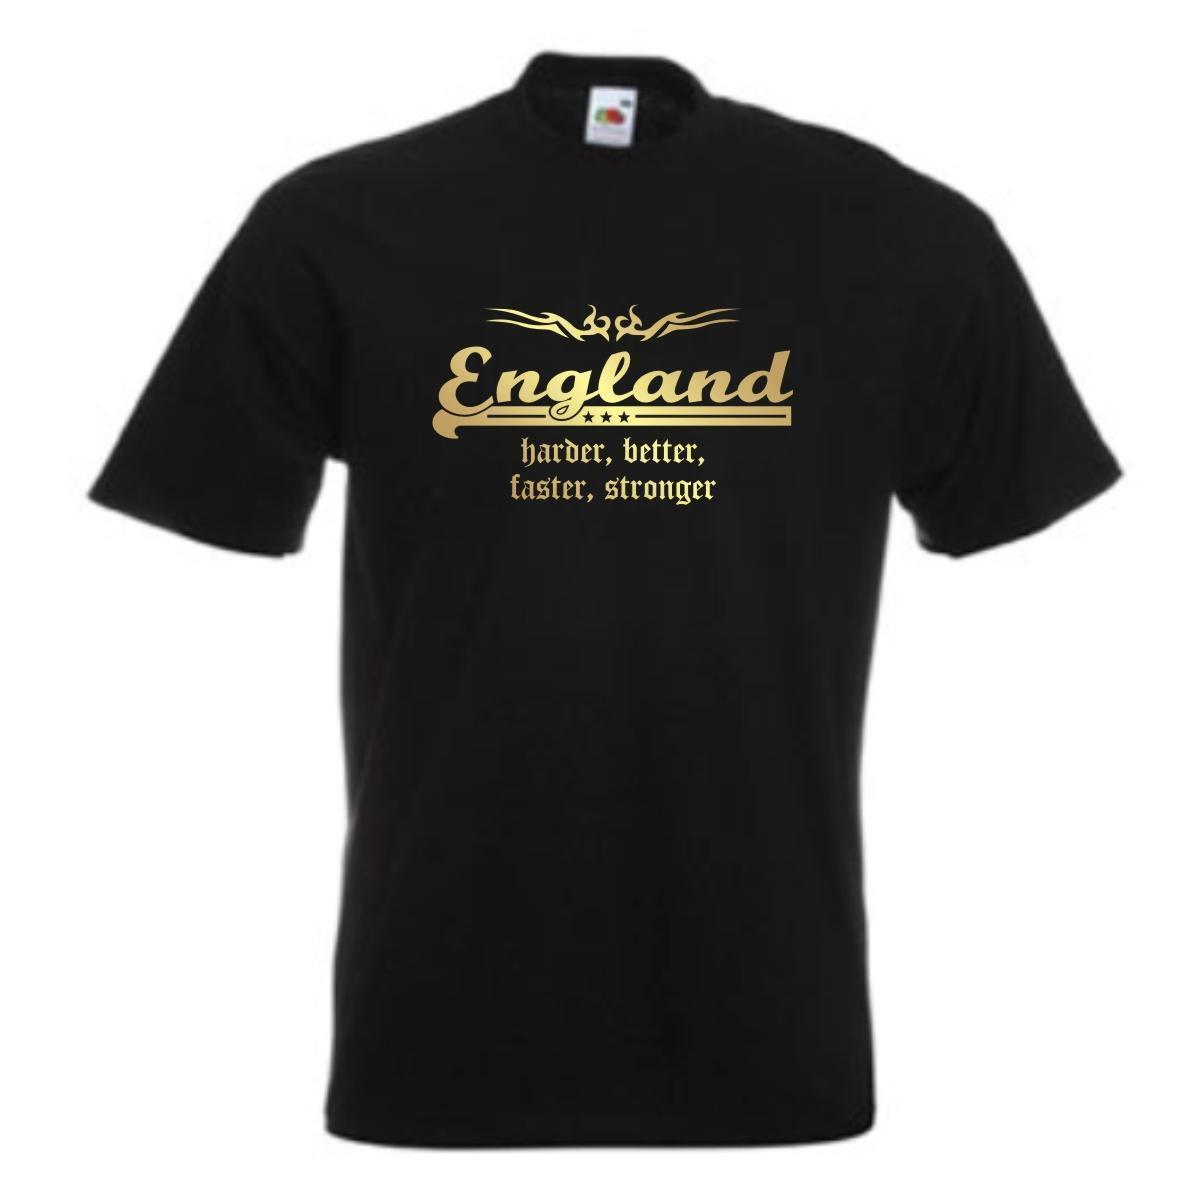 T-Shirt ENGLAND harder better faster stronger Tribal Golddruck (WMS07-19a)